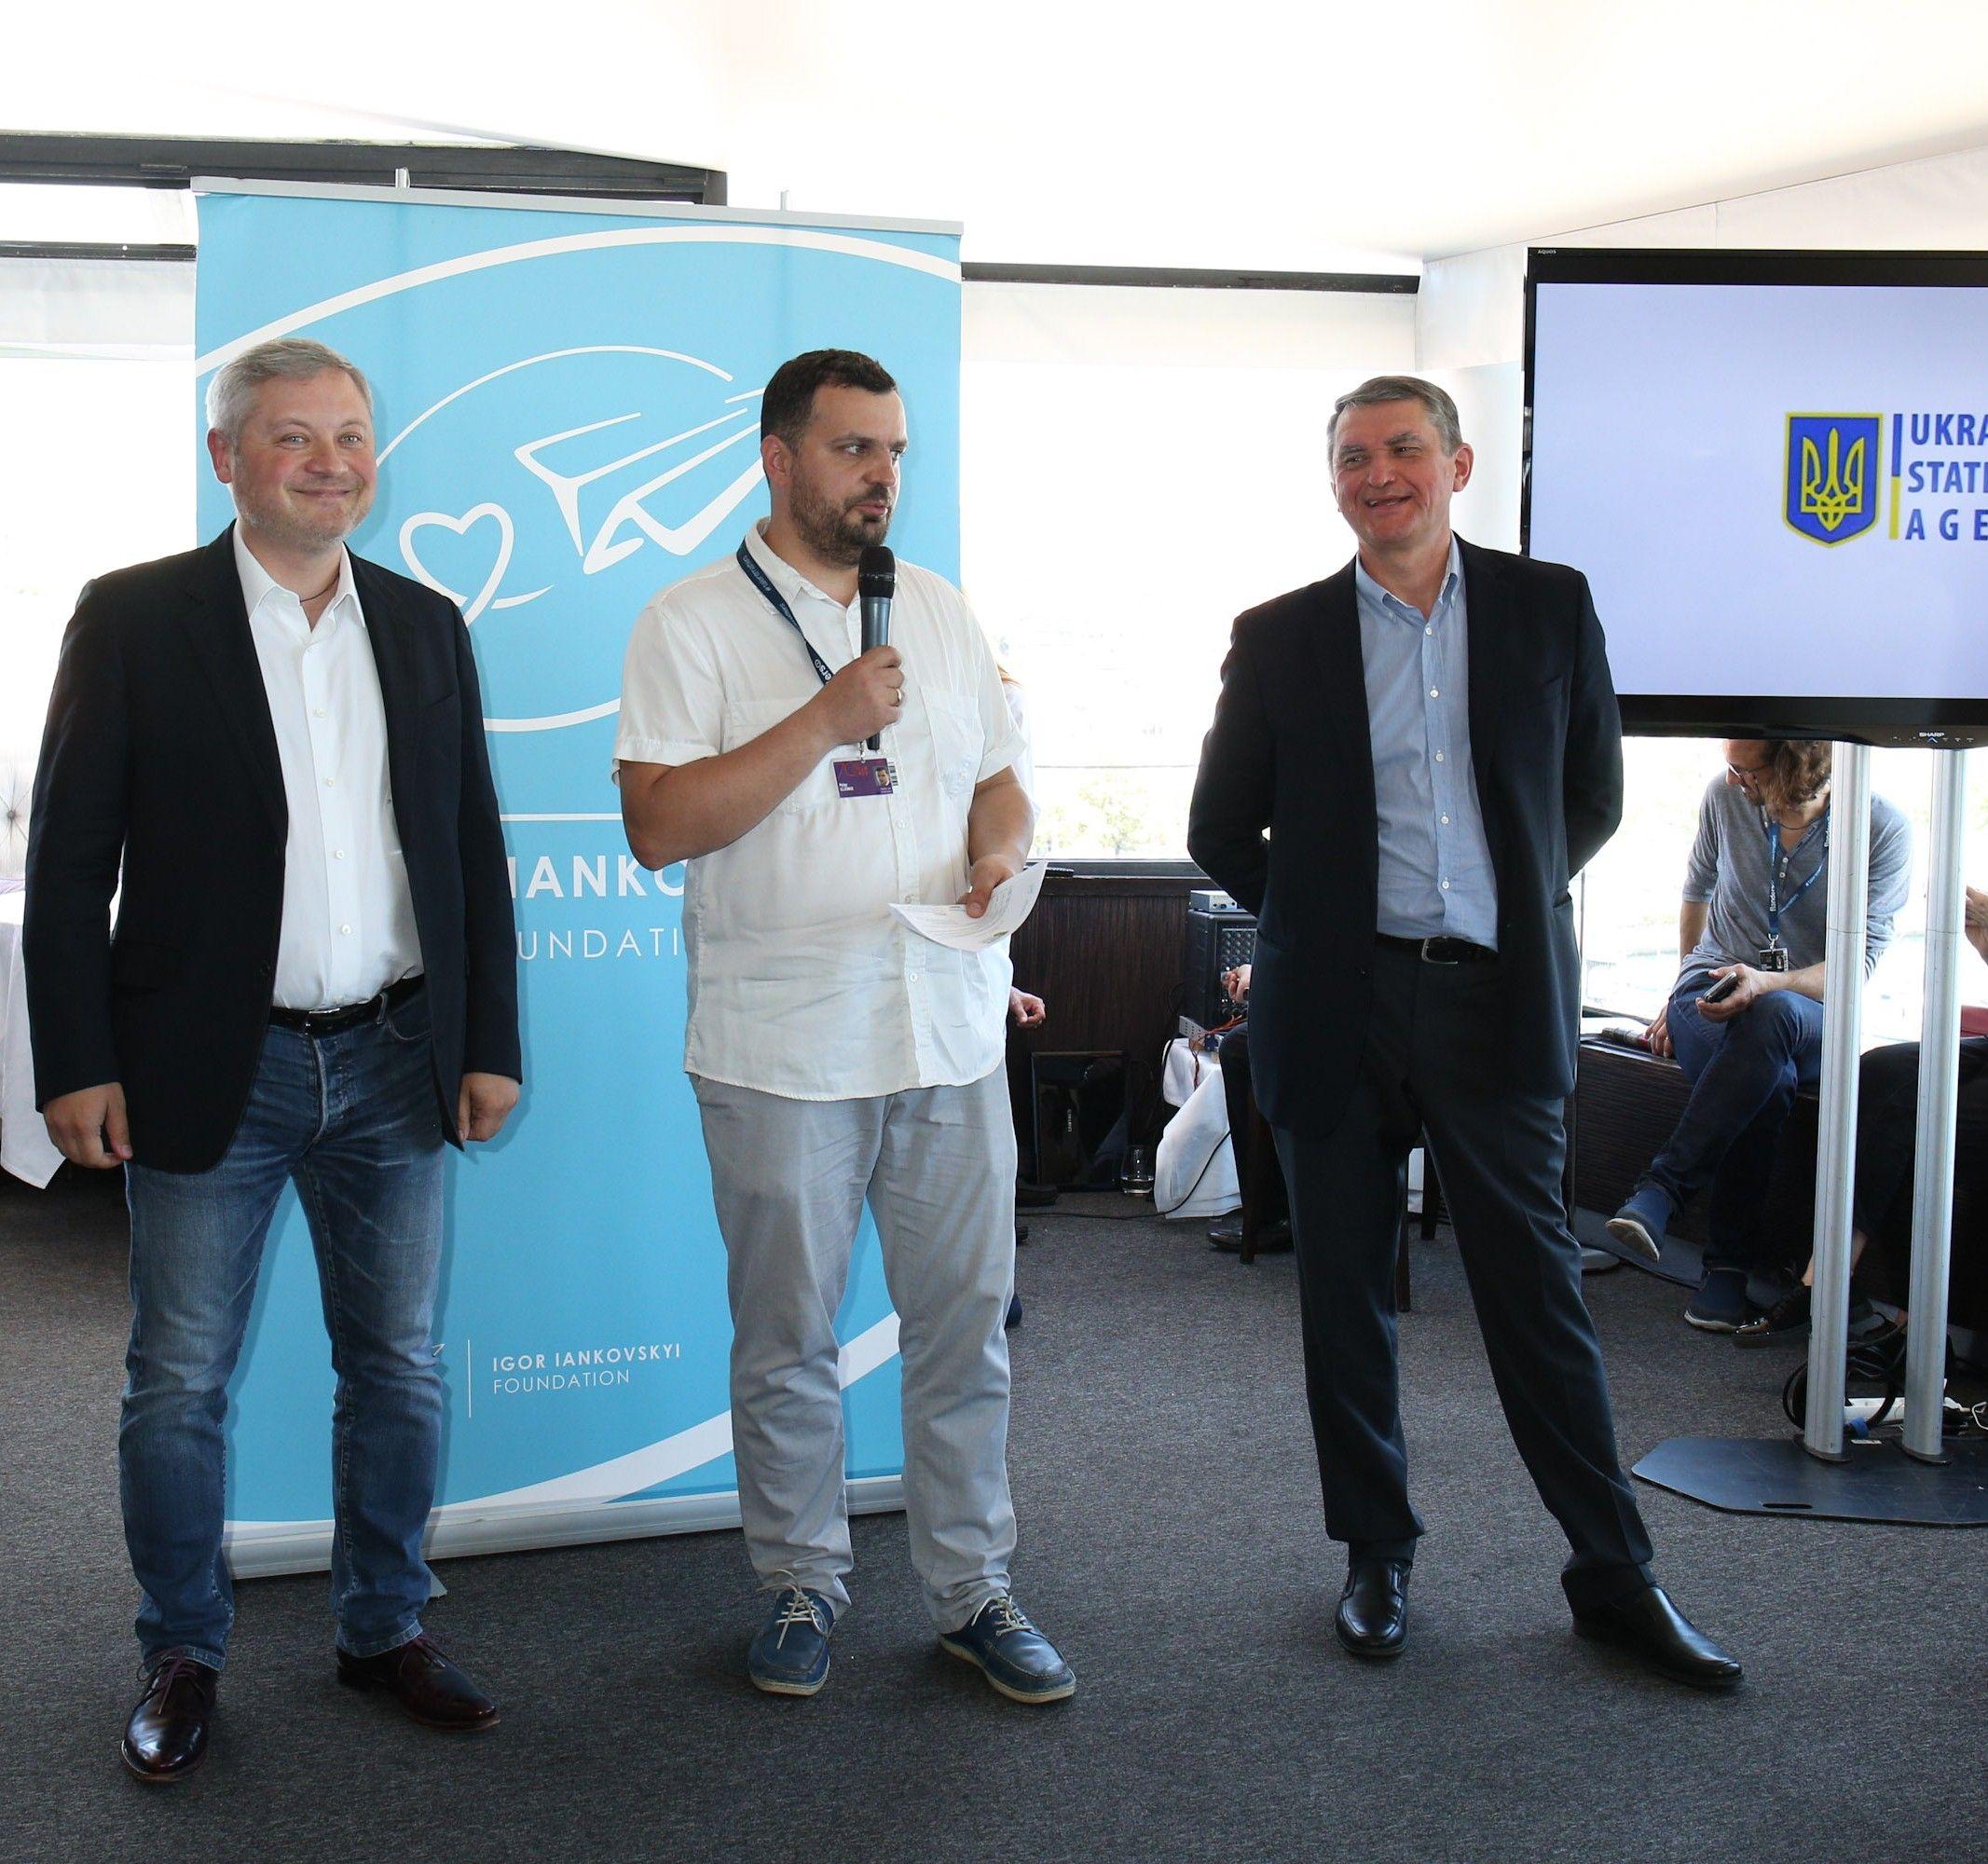 Игорь Янковский, Филипп Ильенко и посол Украины во Франции Олег Шамшур